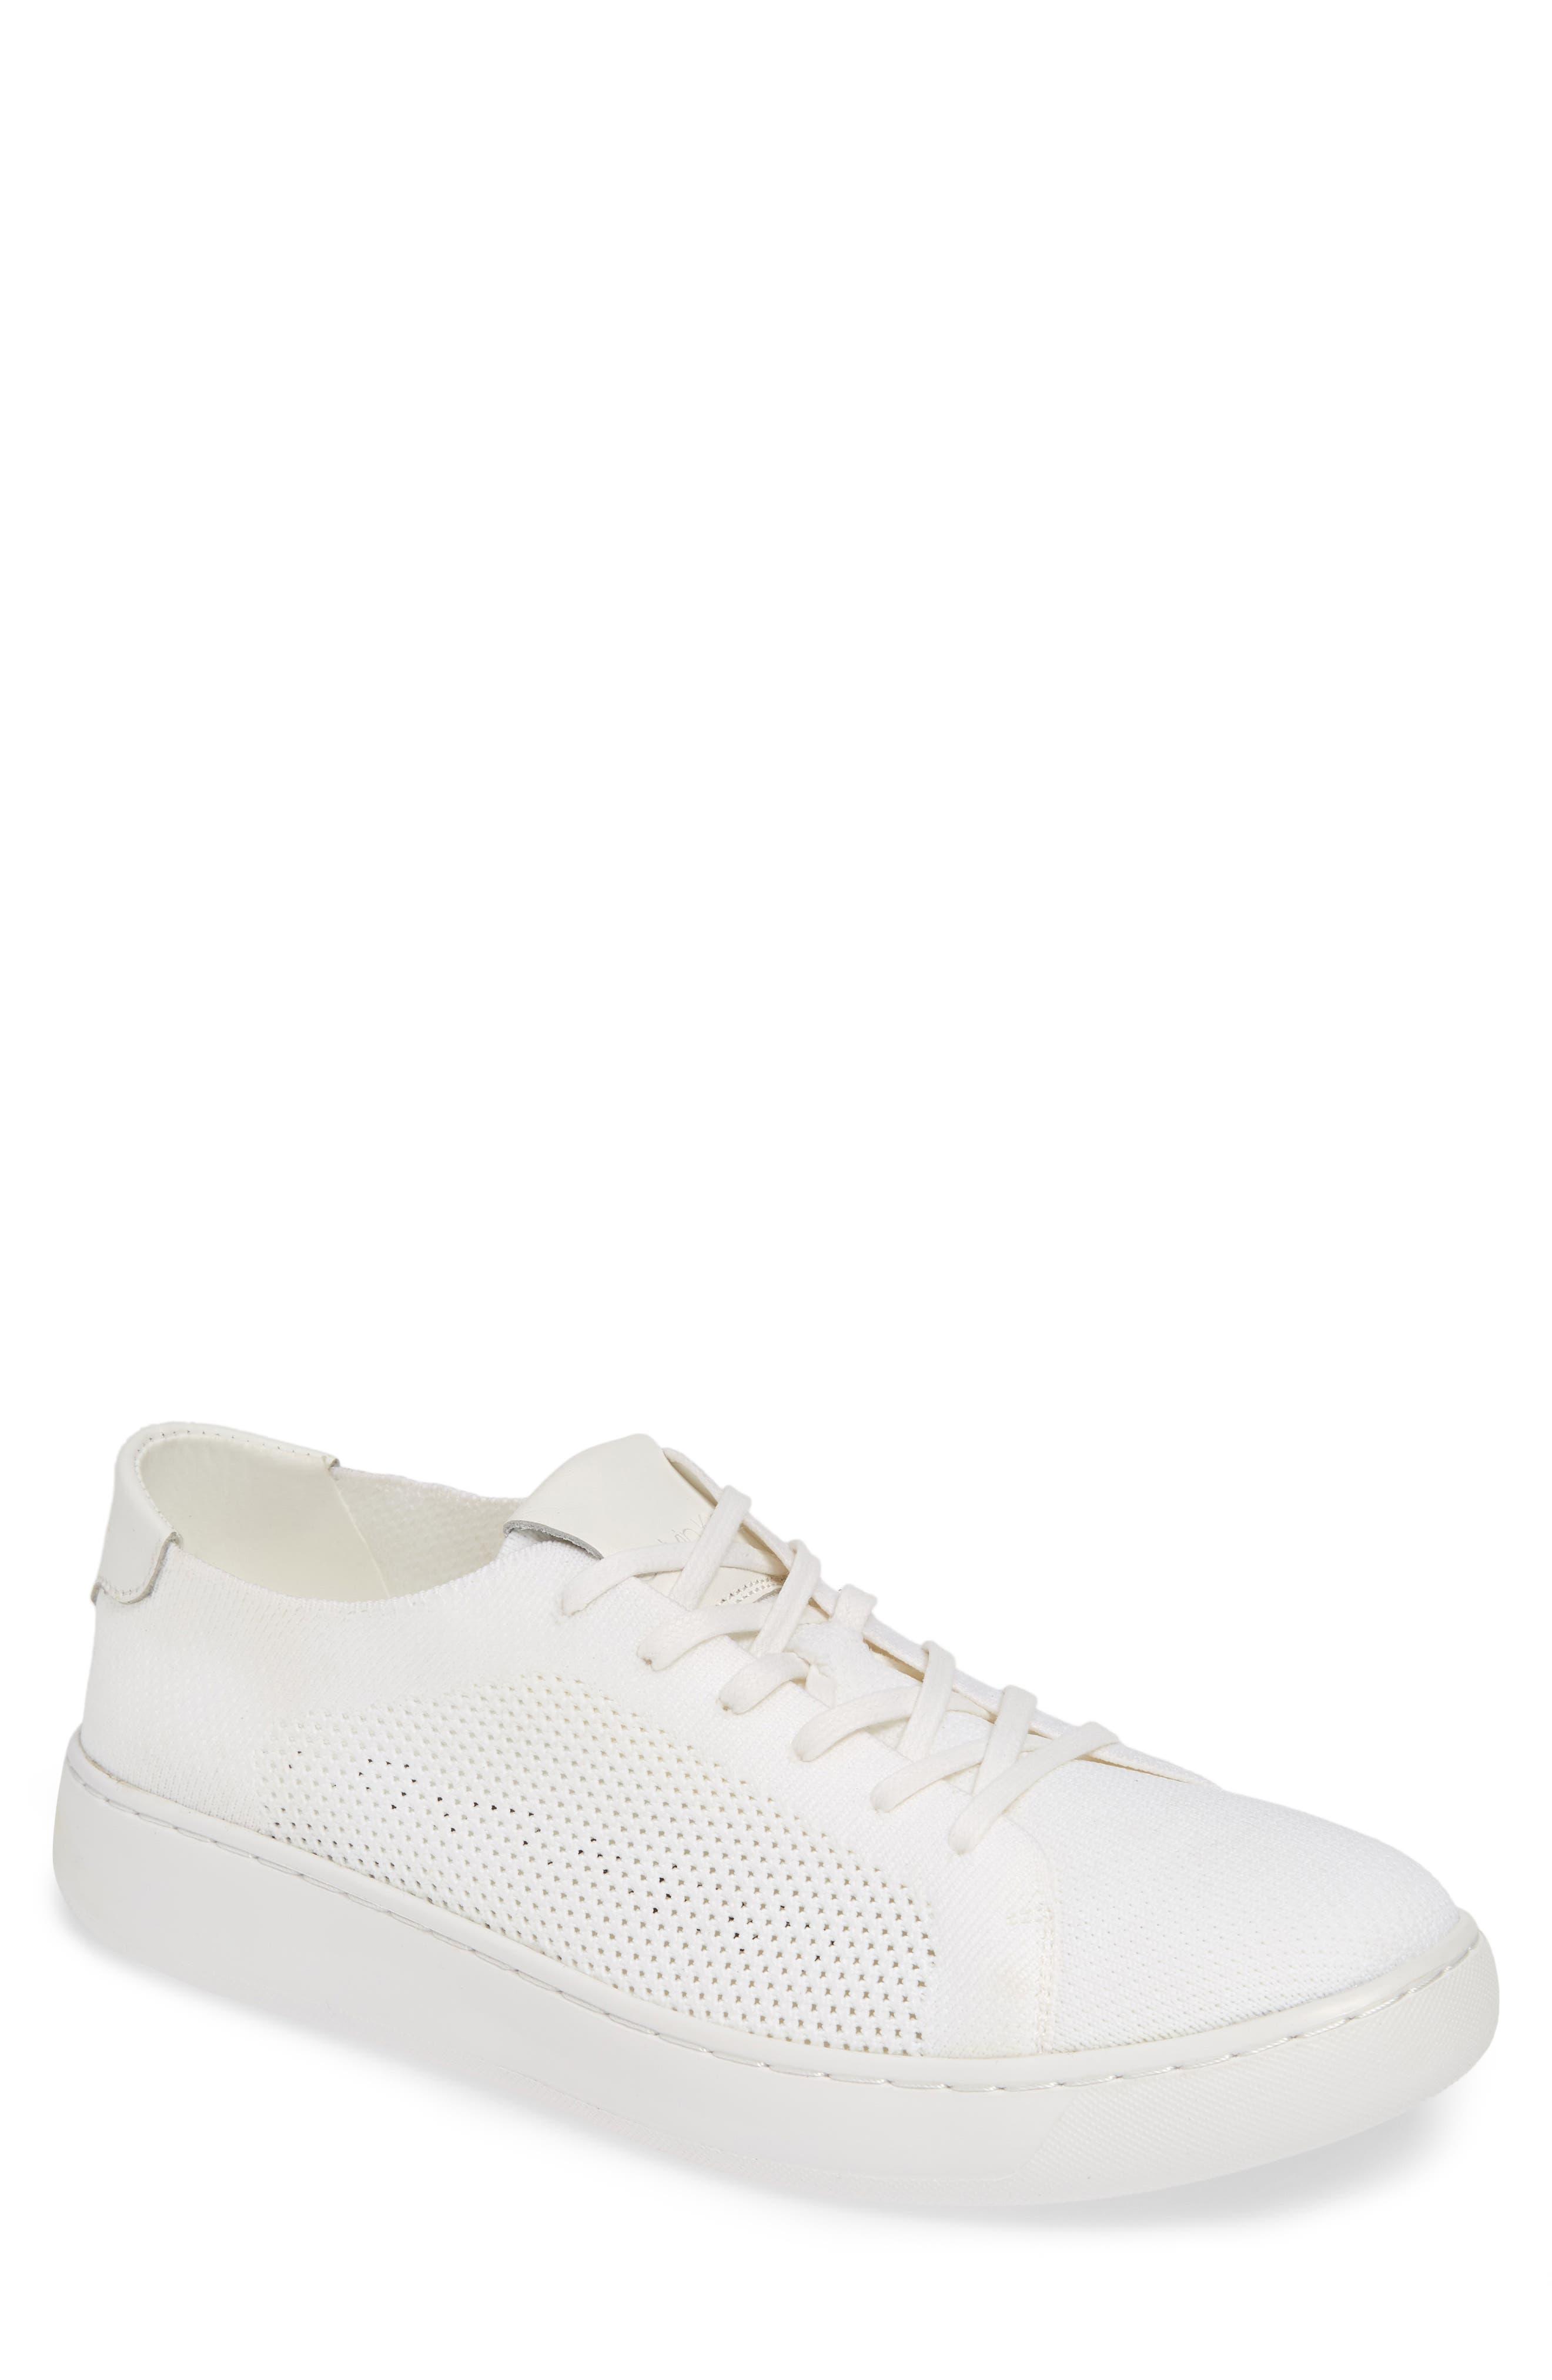 CALVIN KLEIN Freeport Sneaker, Main, color, WHITE